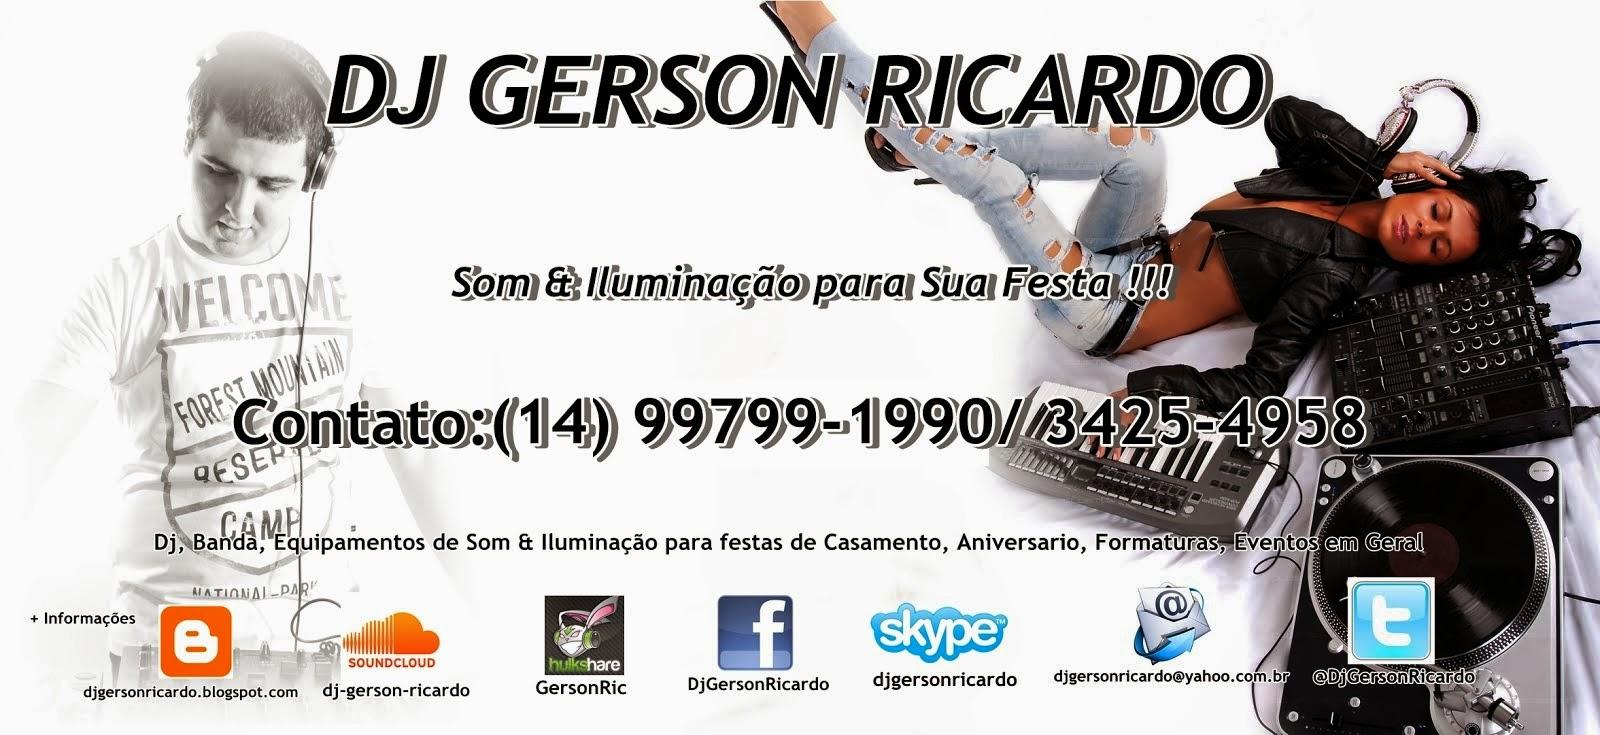 DJ, Banda, Som & Iluminação para Sua Festa AQUI! Contato: (14) 99799-1990 e/ou (14) 3425-4958;